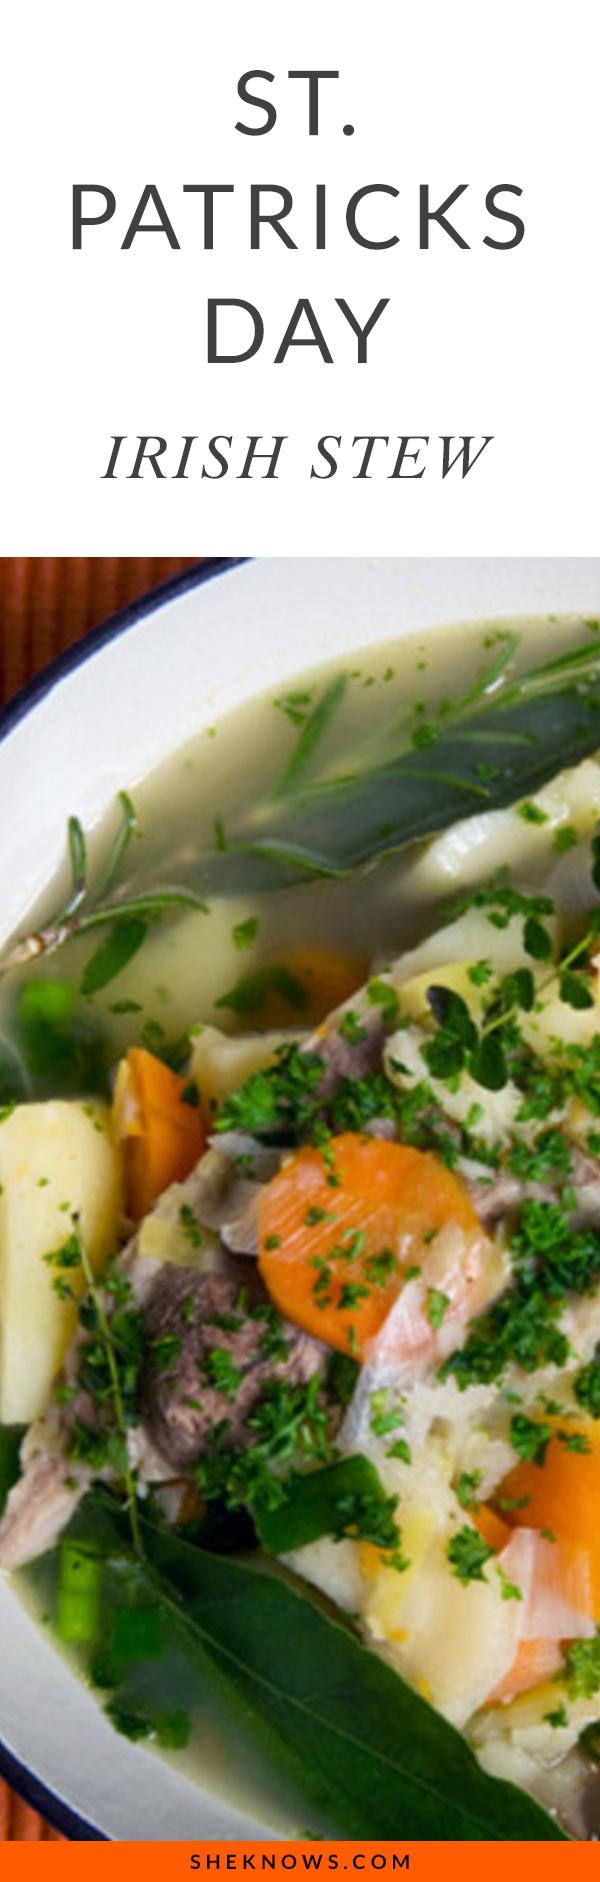 St Patrick's Day Irish Stew